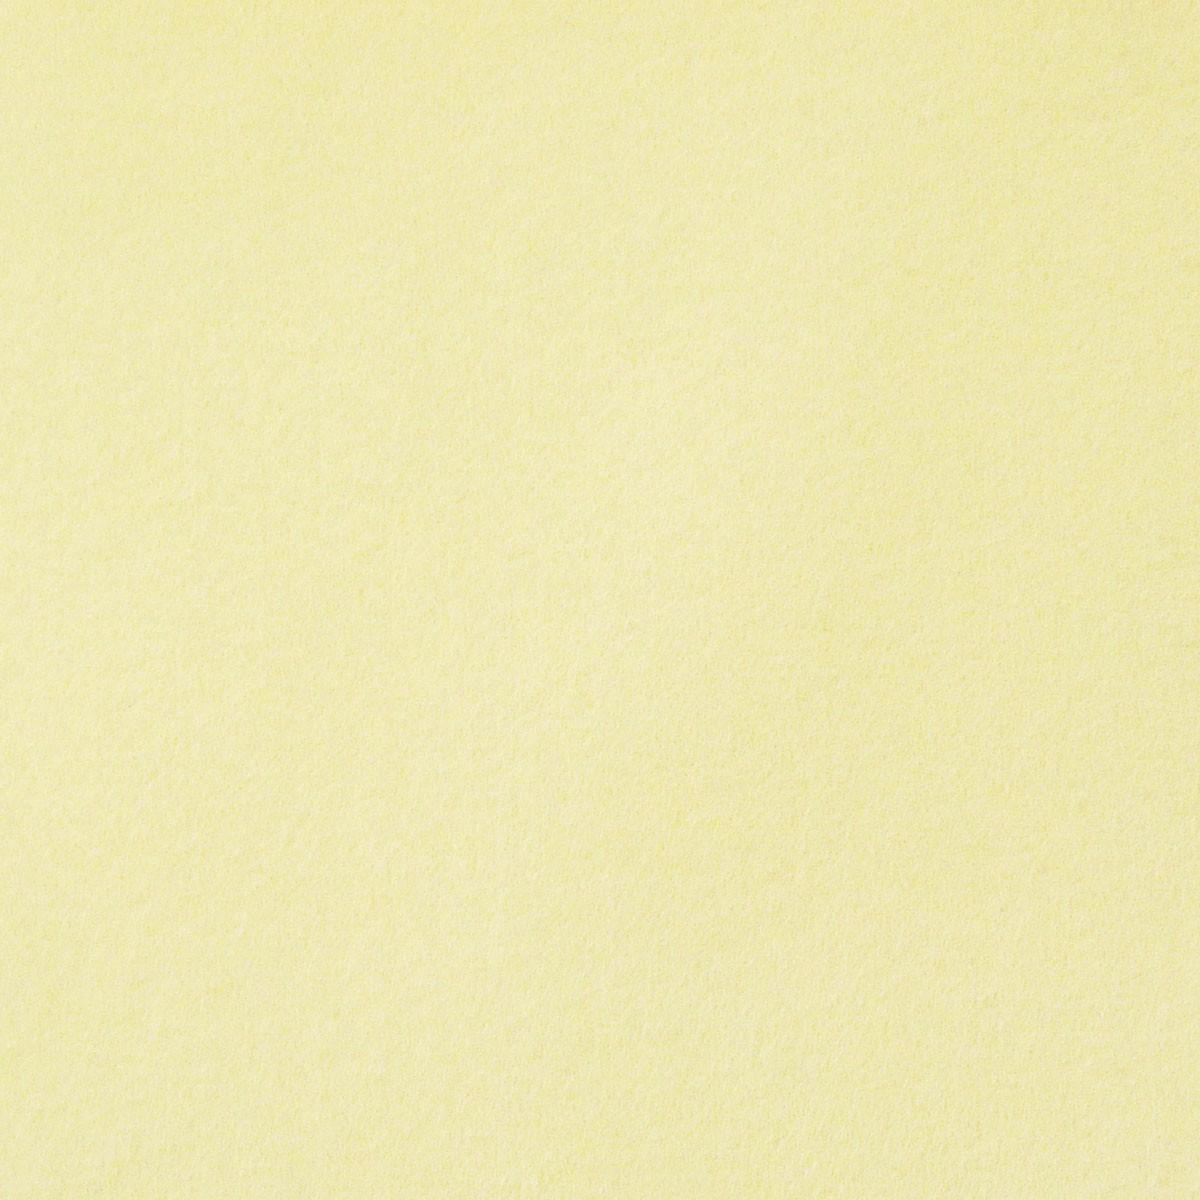 Kreativstoff Filz einfarbig creme 180cm Breite 2mm Stärke